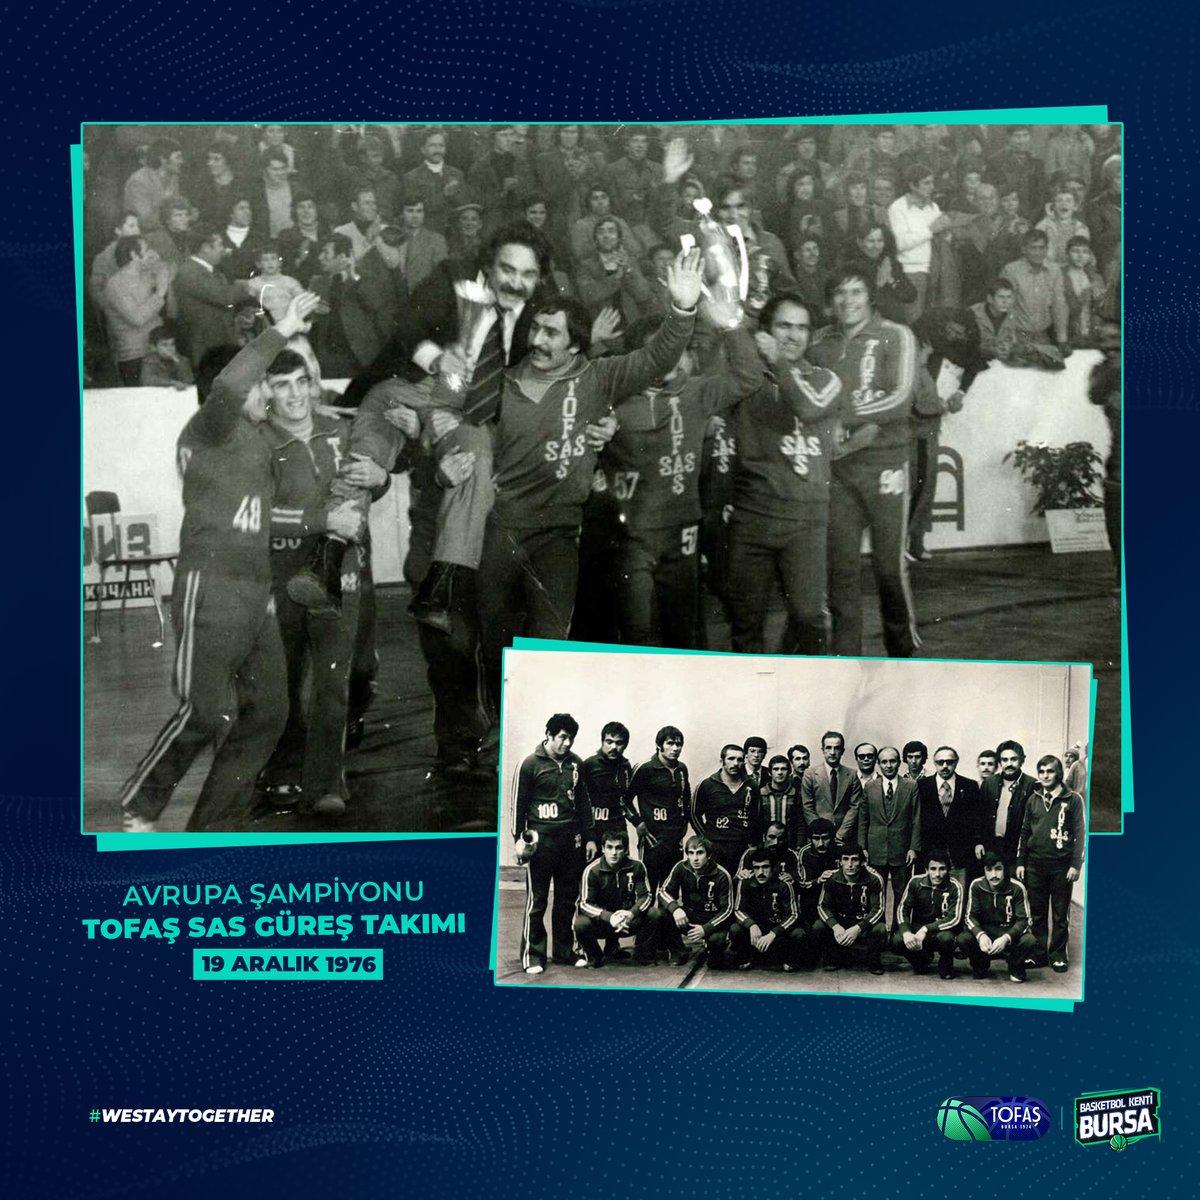 Türk sporuna ve kulübümüze verdiğin katkılar için minnettarız Reşit Karabacak. Huzur içinde uyu 🙏 https://t.co/XChpgLQIzG